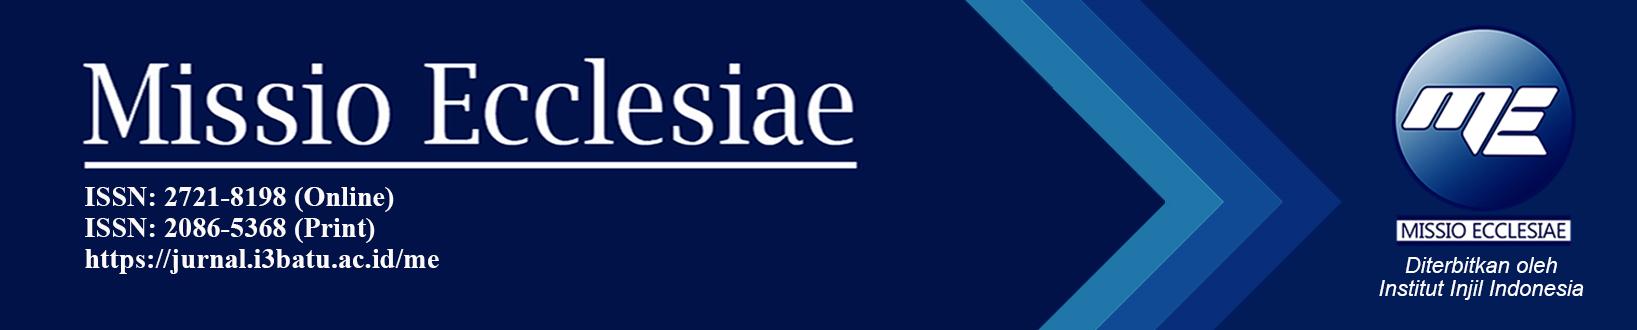 Missio Ecclesiae